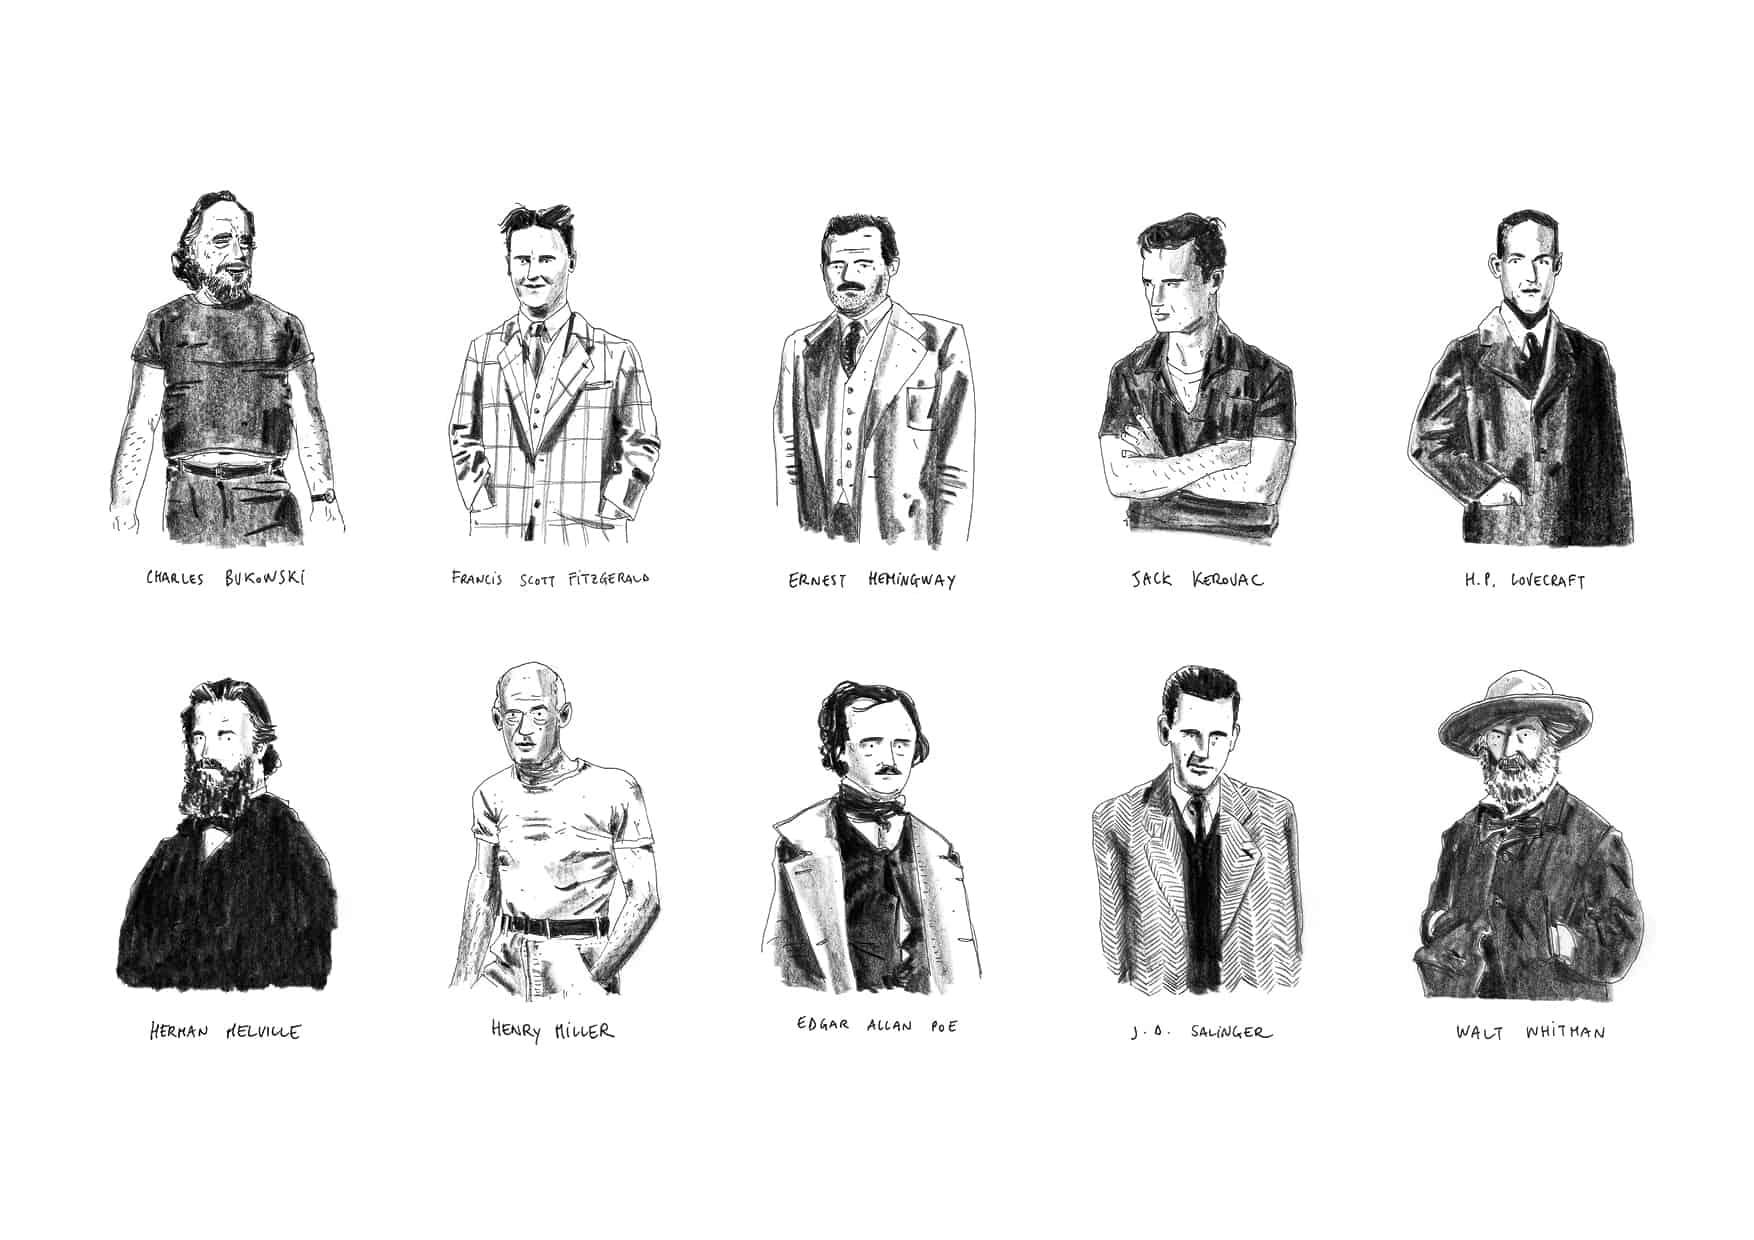 Dead American Writers